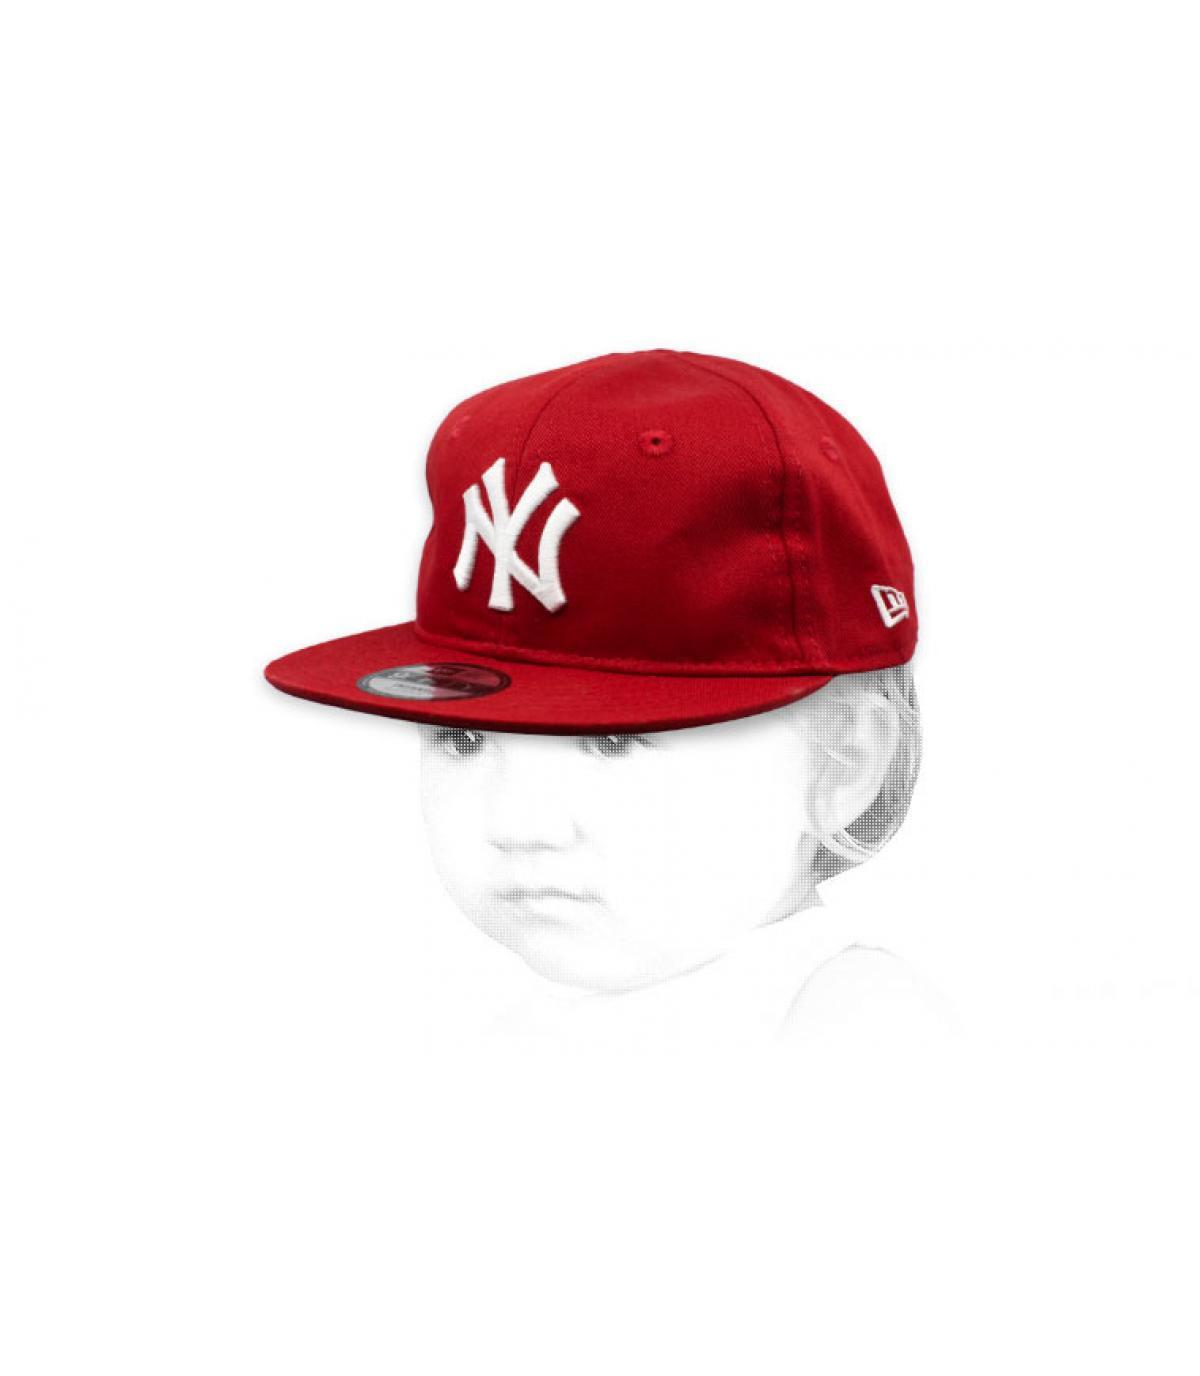 gorra bebe NY rojo blanco